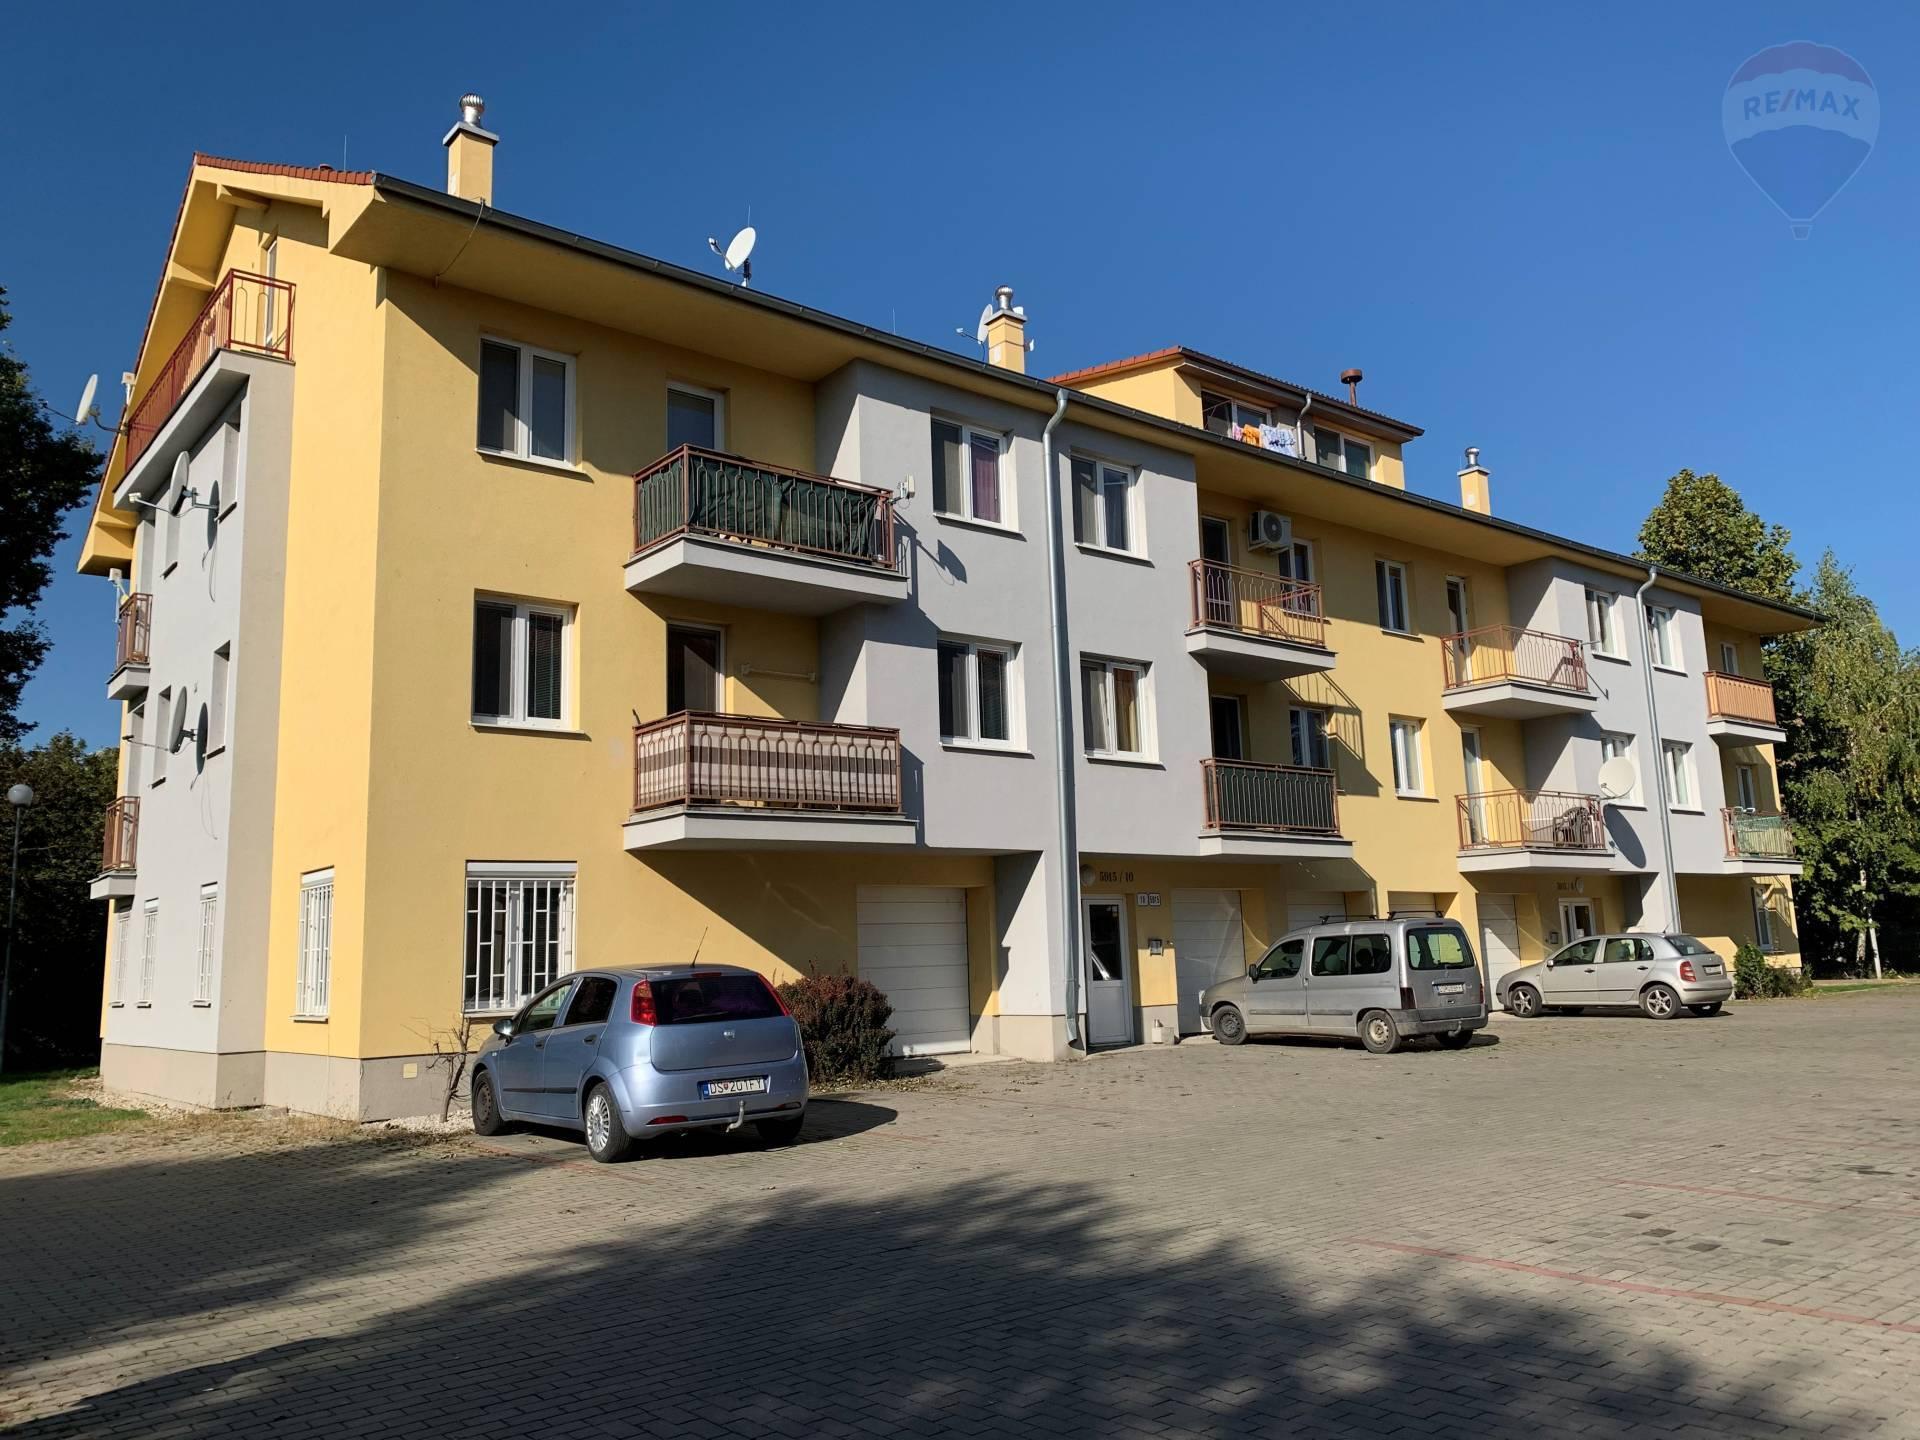 Predaj: 2 izbový byt, Dunajská Streda, 80 m2, Priemyselná ulica, tehlová stavba